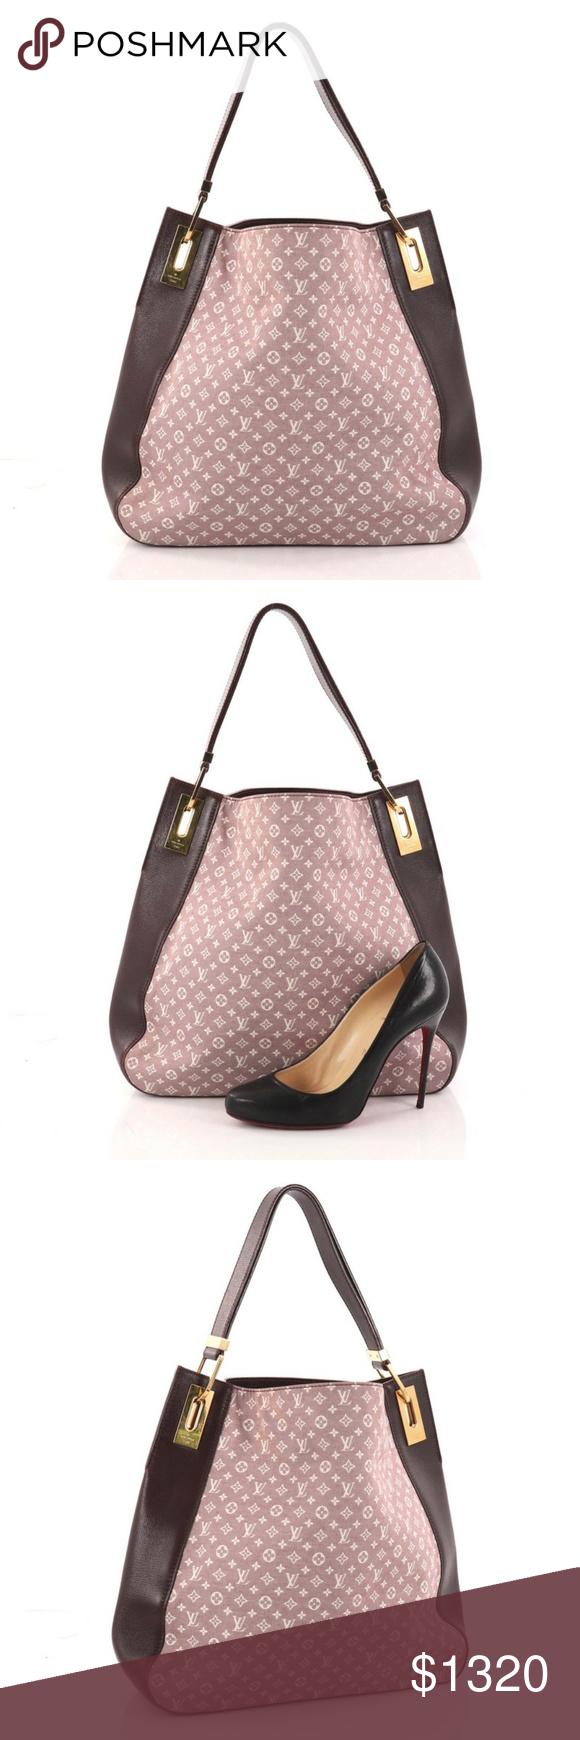 Bra 32A PINK in 2020 | Fashion tips, Pink ladies, Cheetah